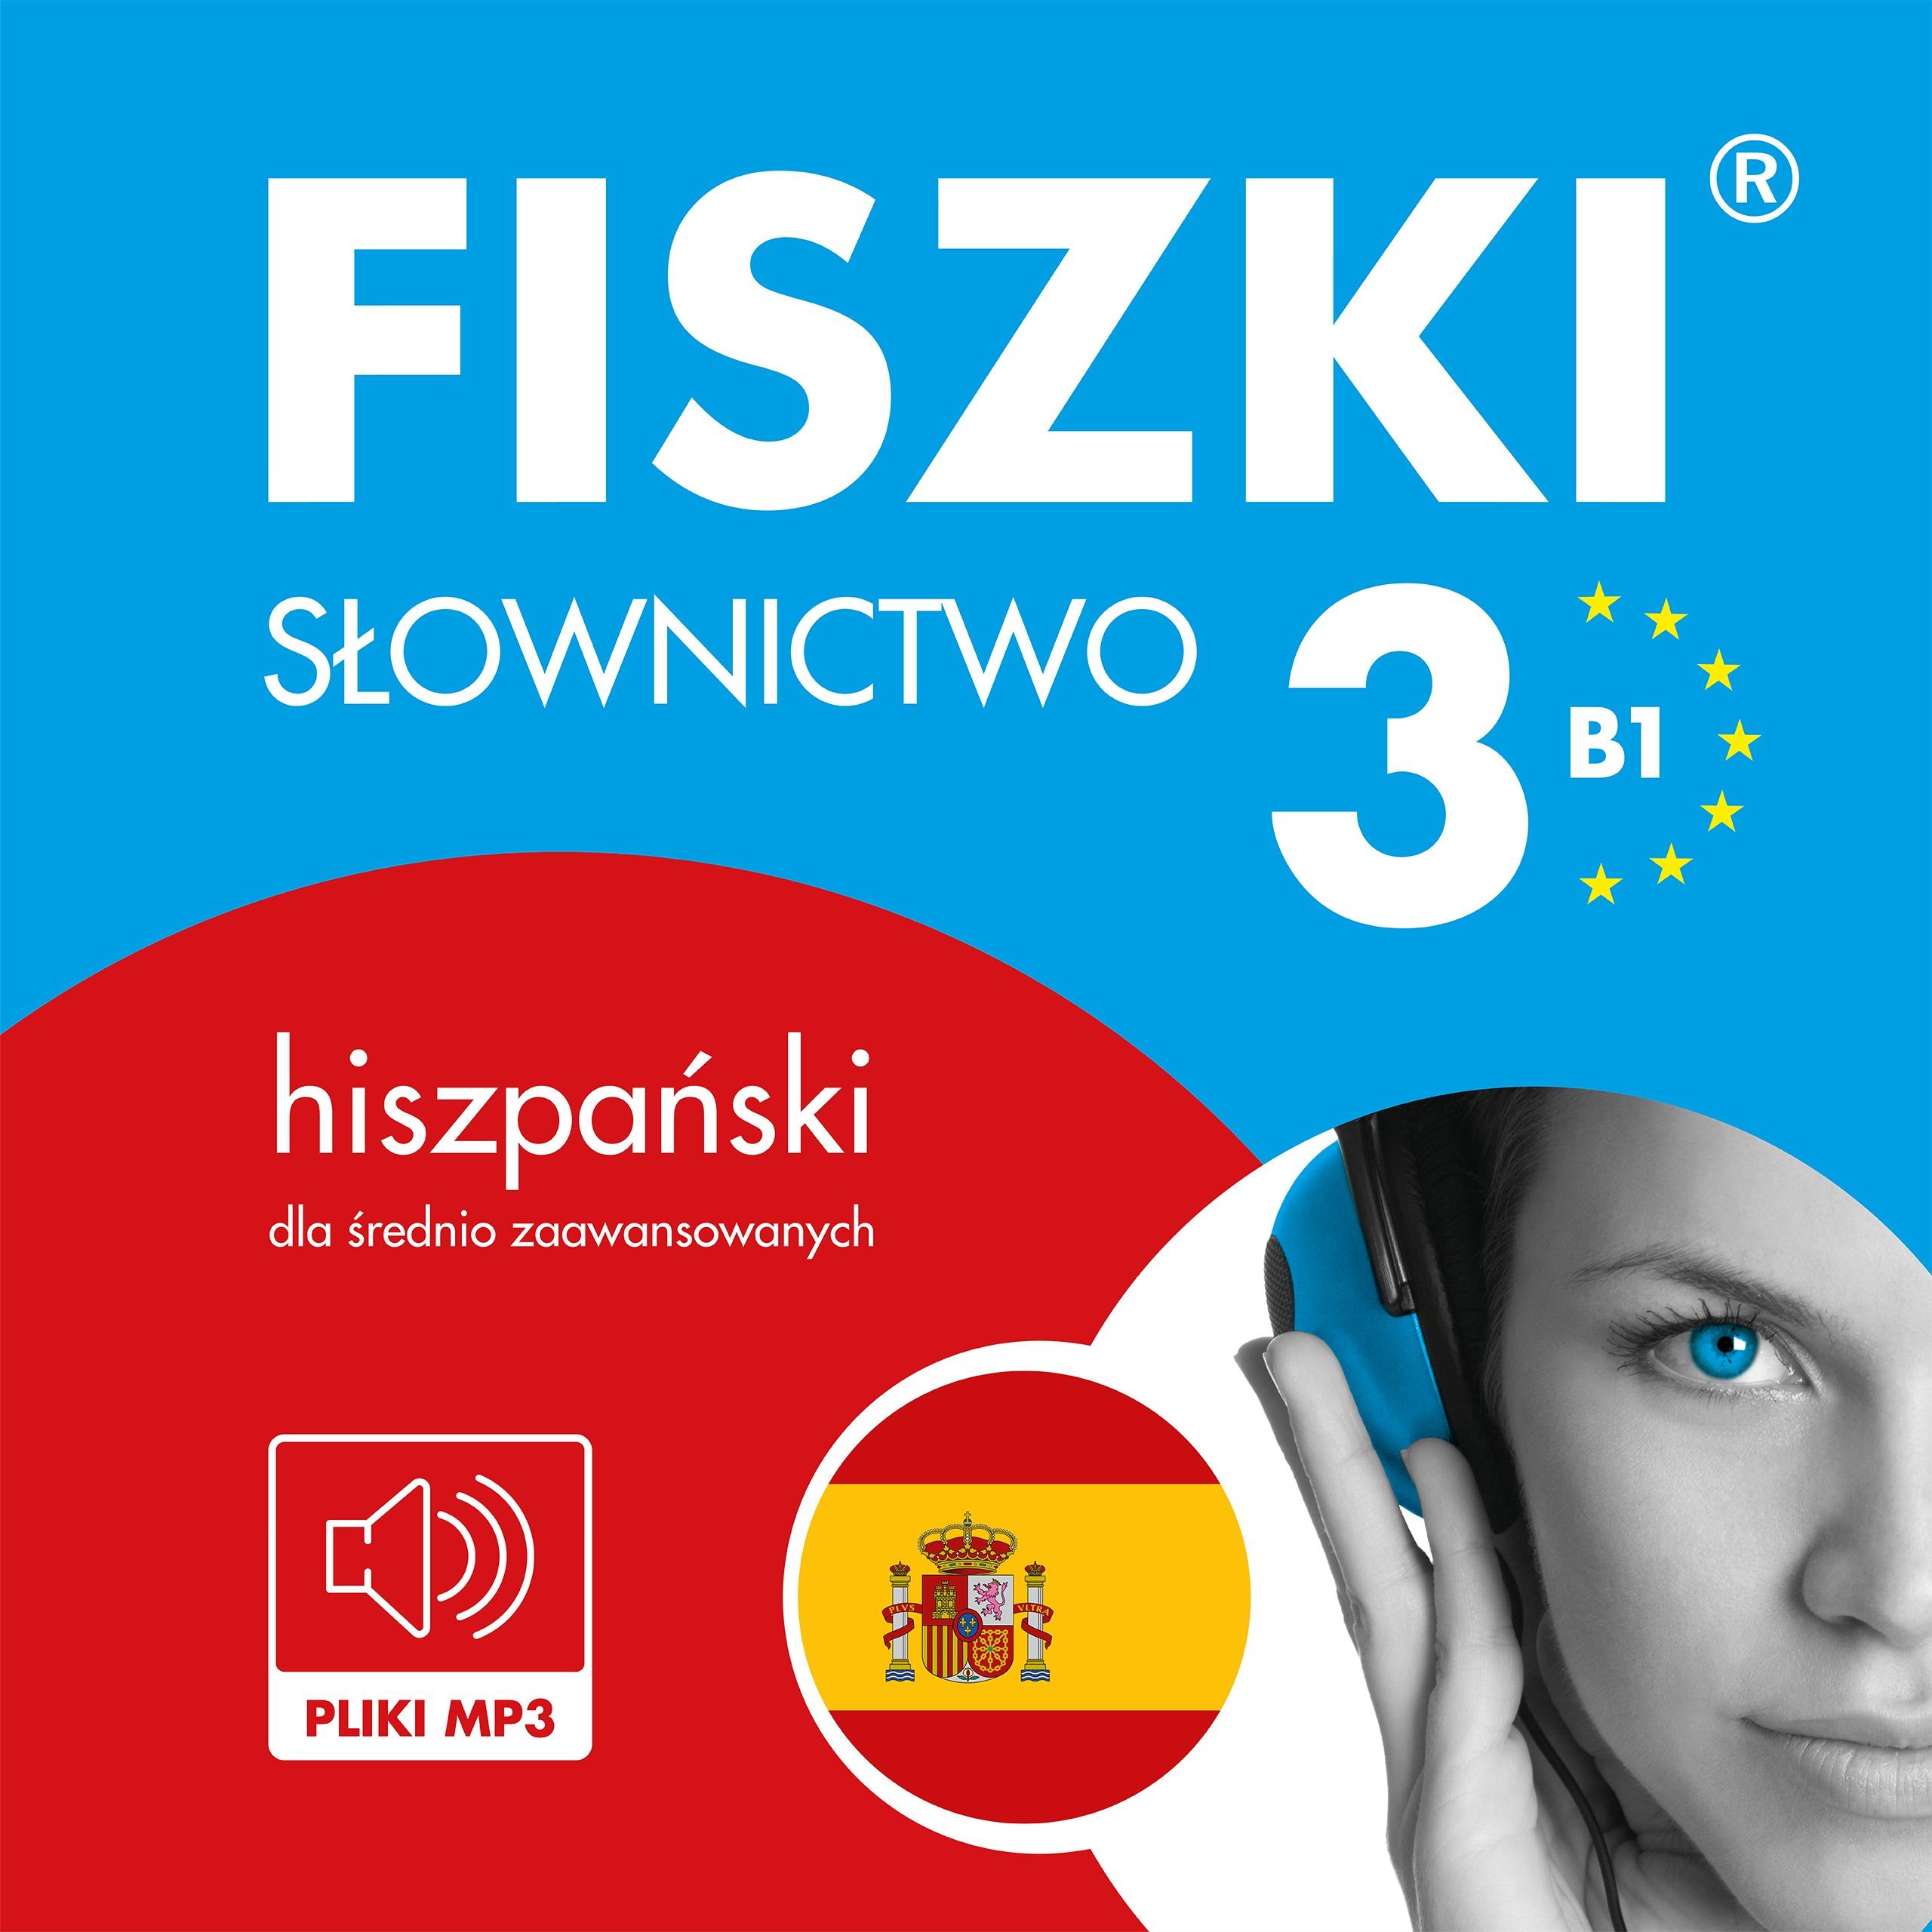 AUDIOBOOK - hiszpański - Słownictwo 3 (B1)